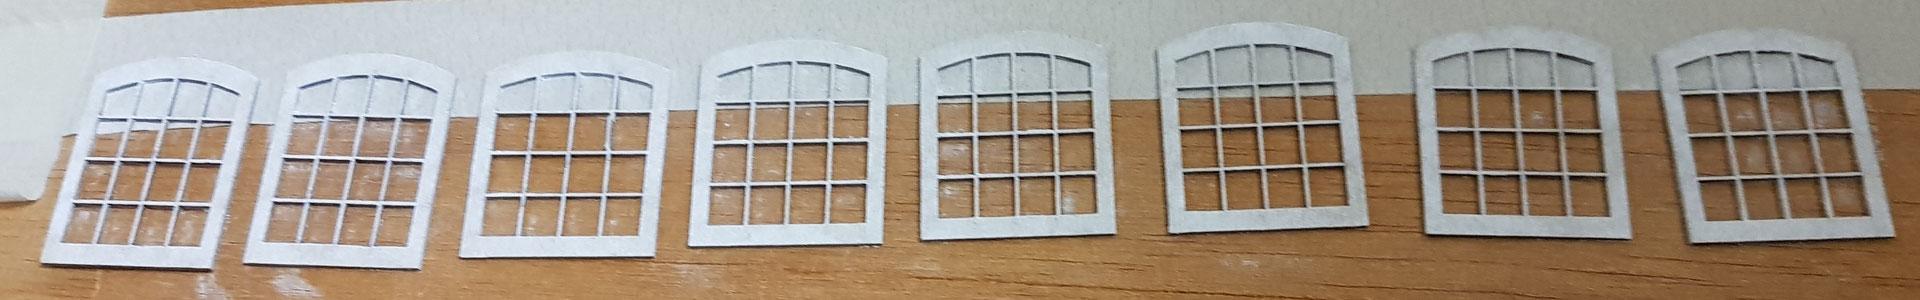 Fenster mit einem PanPastel Auftrag weiß